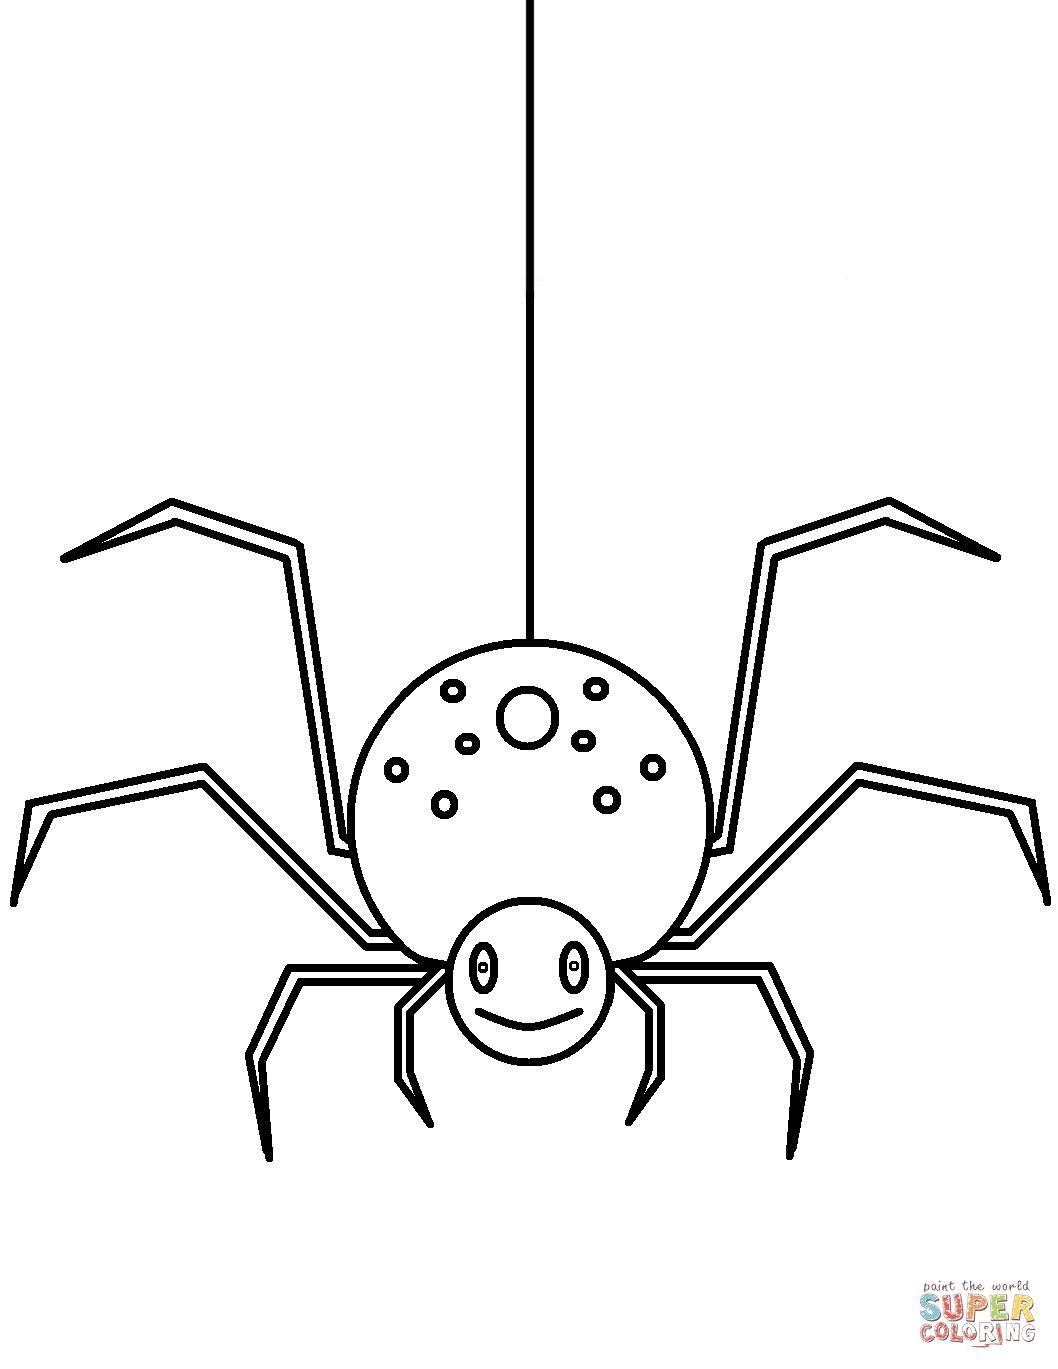 22 Spinnen Zum Ausmalen - Besten Bilder von ausmalbilder